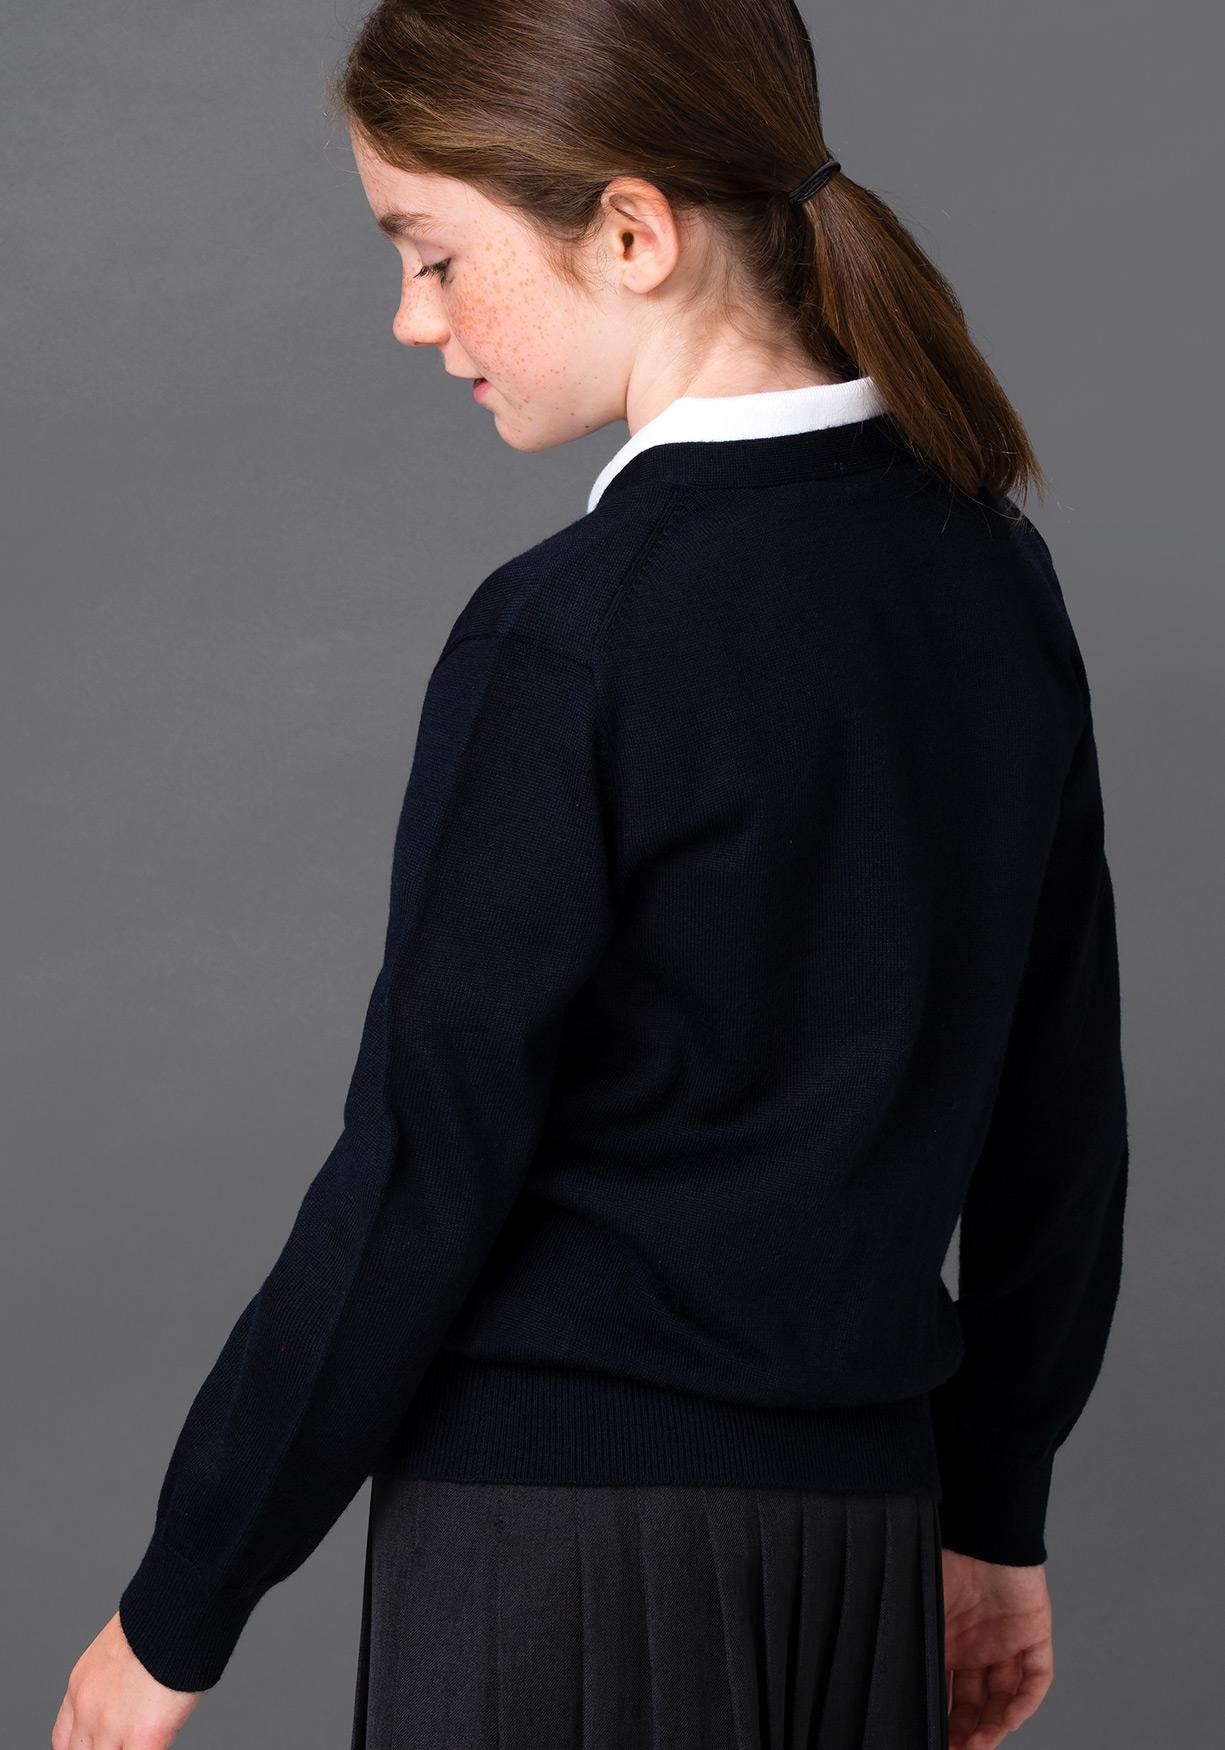 Comprar Chaqueta de lana unisex para uniforme (tallas 3 a 16 años ... fe9770215390